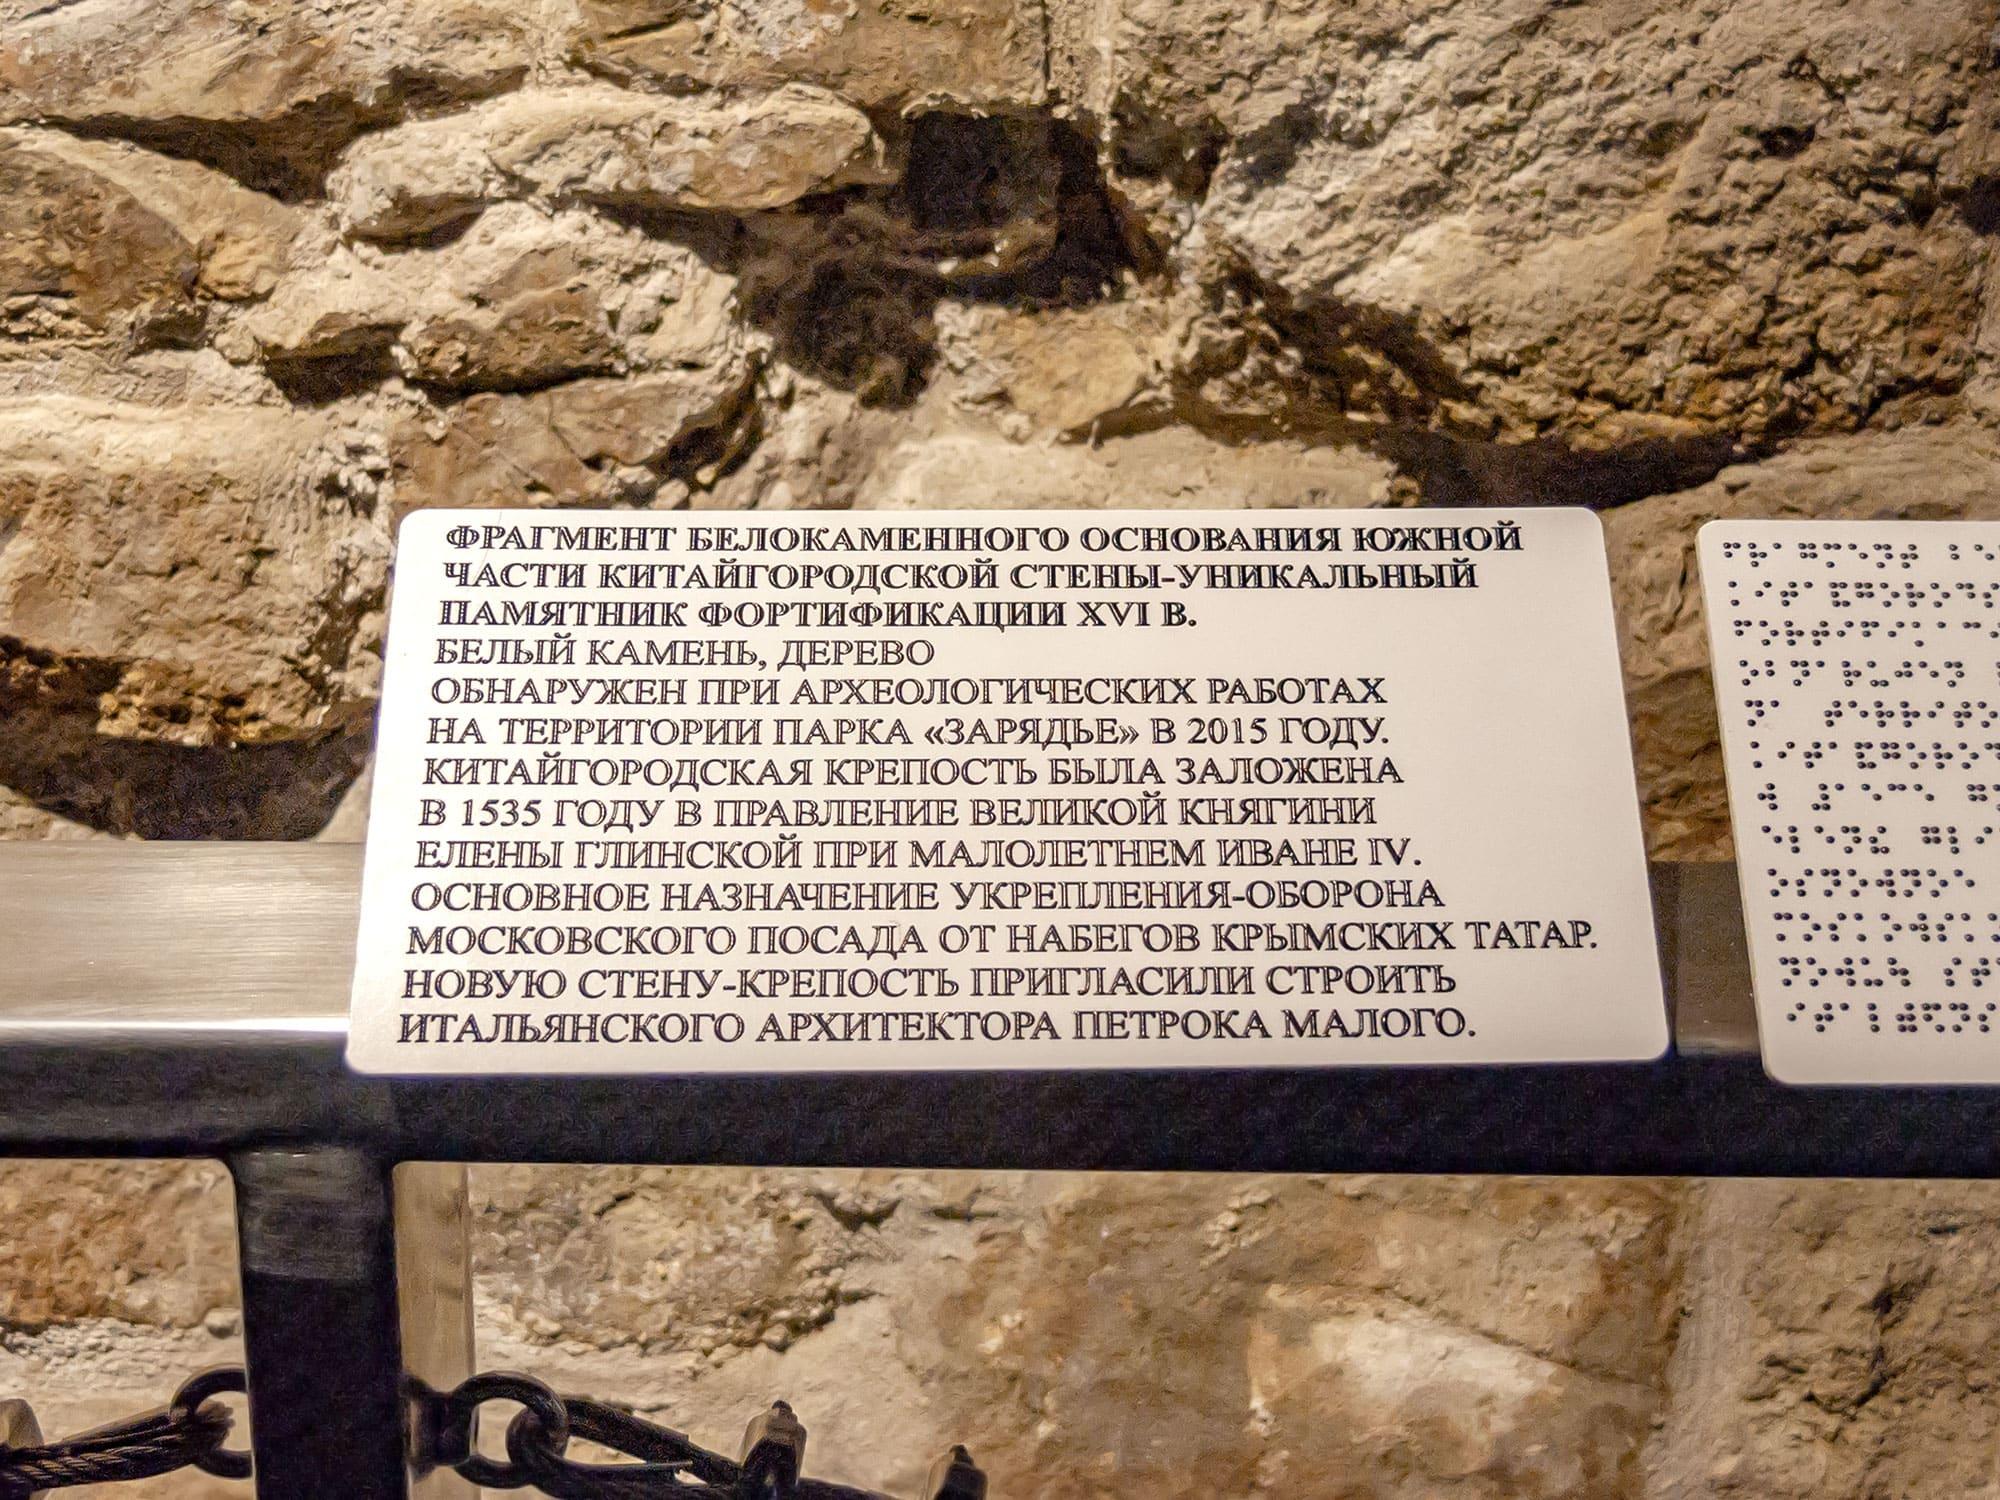 Фрагмент Китайгородской стены в парке Зарядье